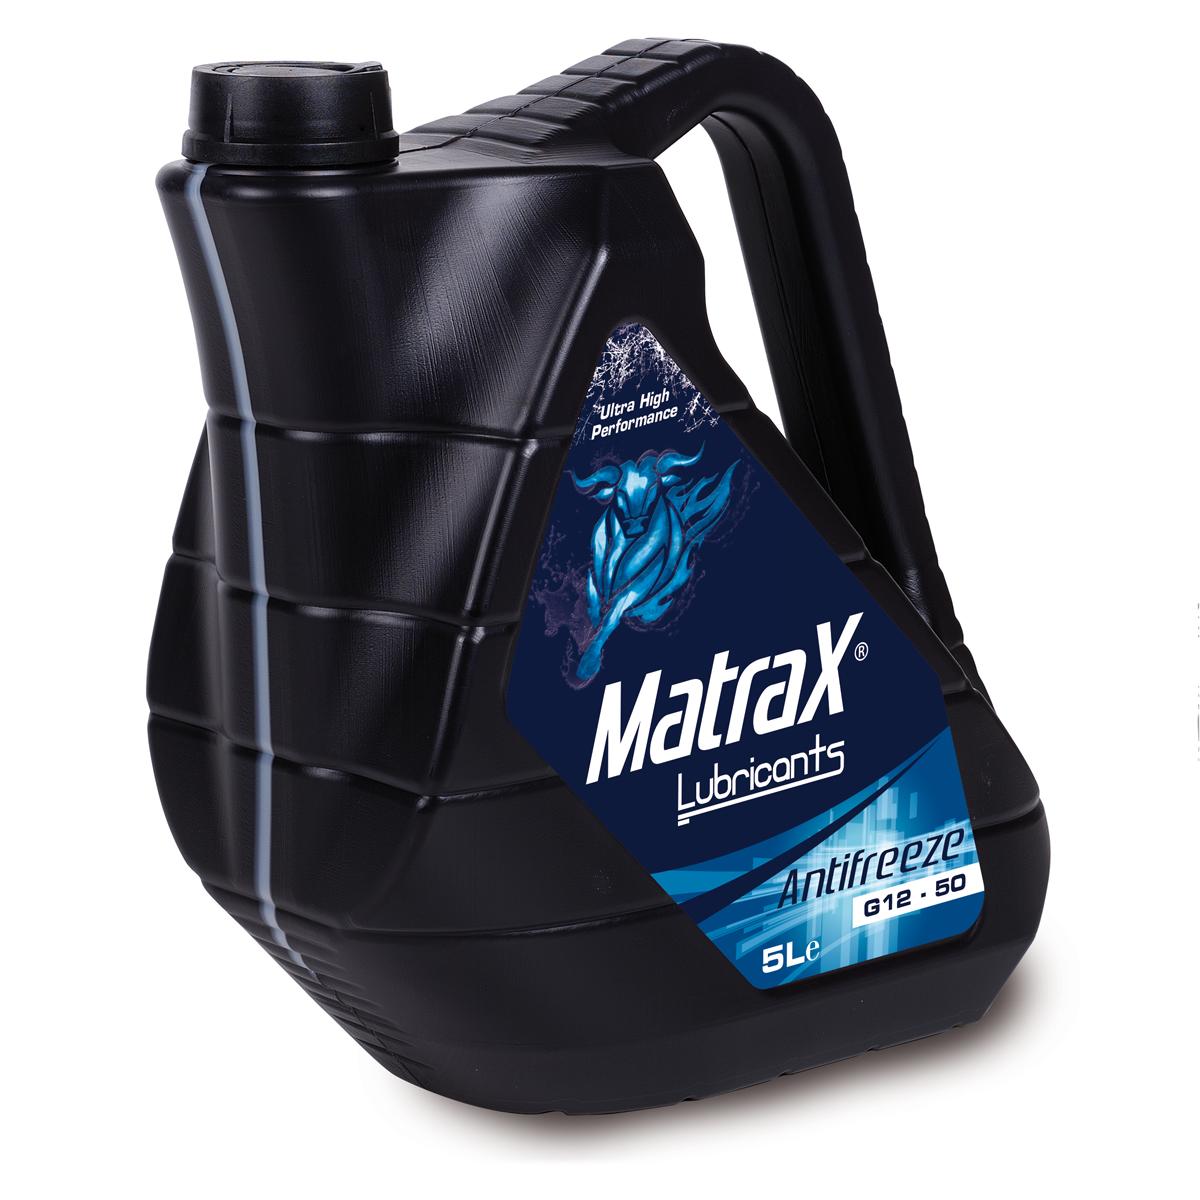 matrax-lubricants-antifreeze-g12-50-5l